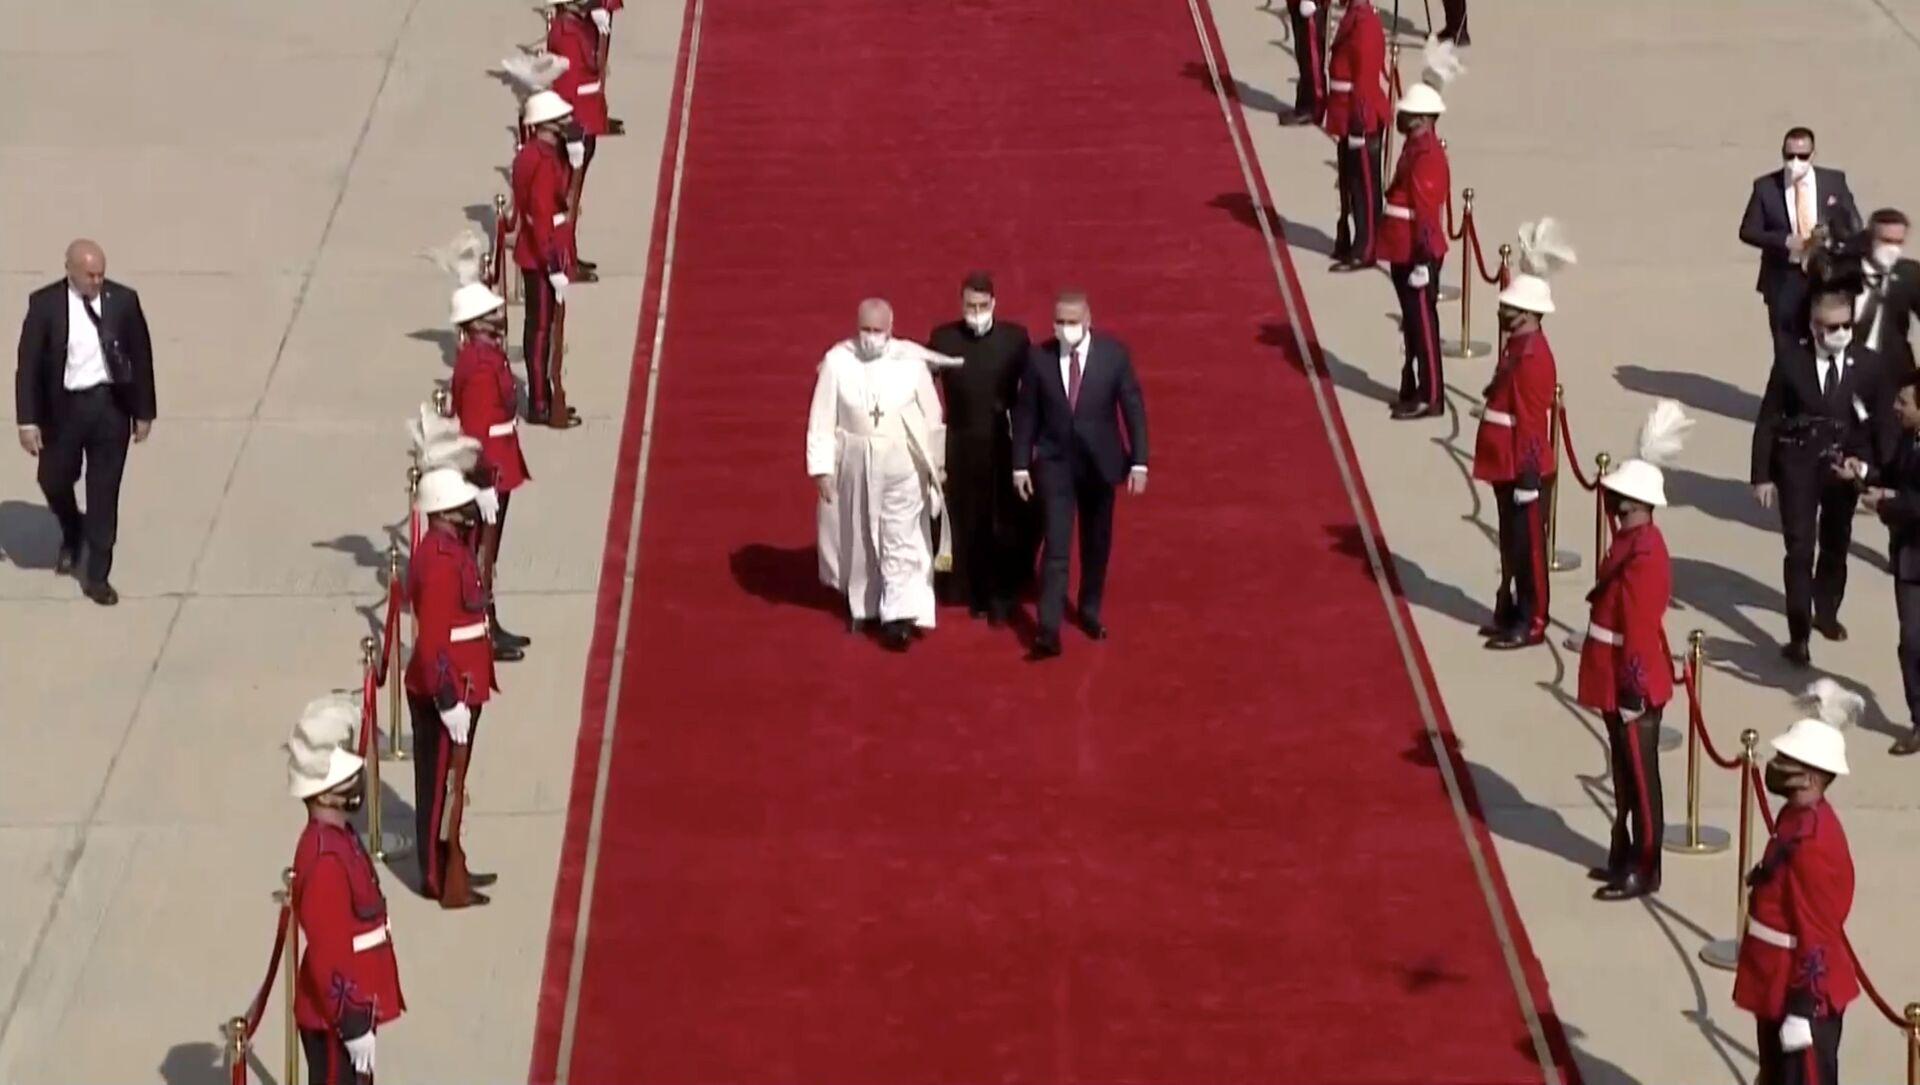 Irak Başbakan Mustafa Kazimi, tarihte Irak'ı ziyaret eden ilk Papa olan Francis'i Bağdat Havaalanı'nda kırmızı halı sererek karşıladı. - Sputnik Türkiye, 1920, 05.03.2021